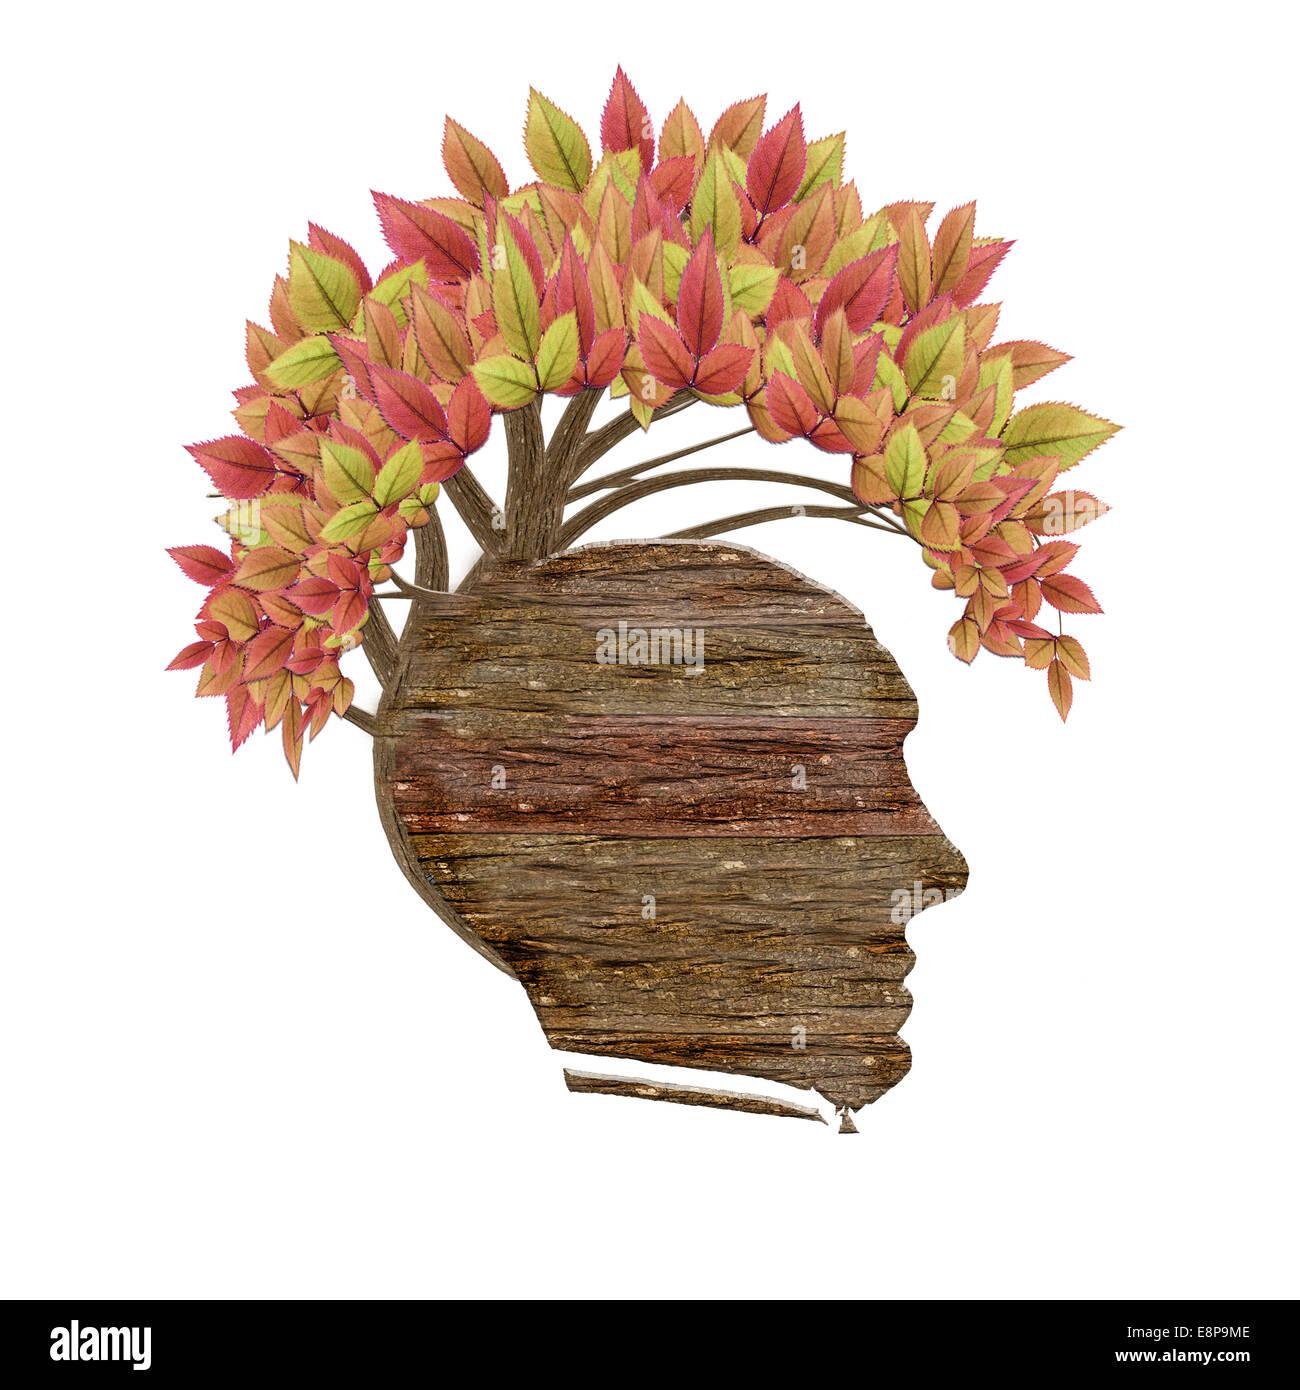 Aislados de cabeza humana de madera y hojas Imagen De Stock